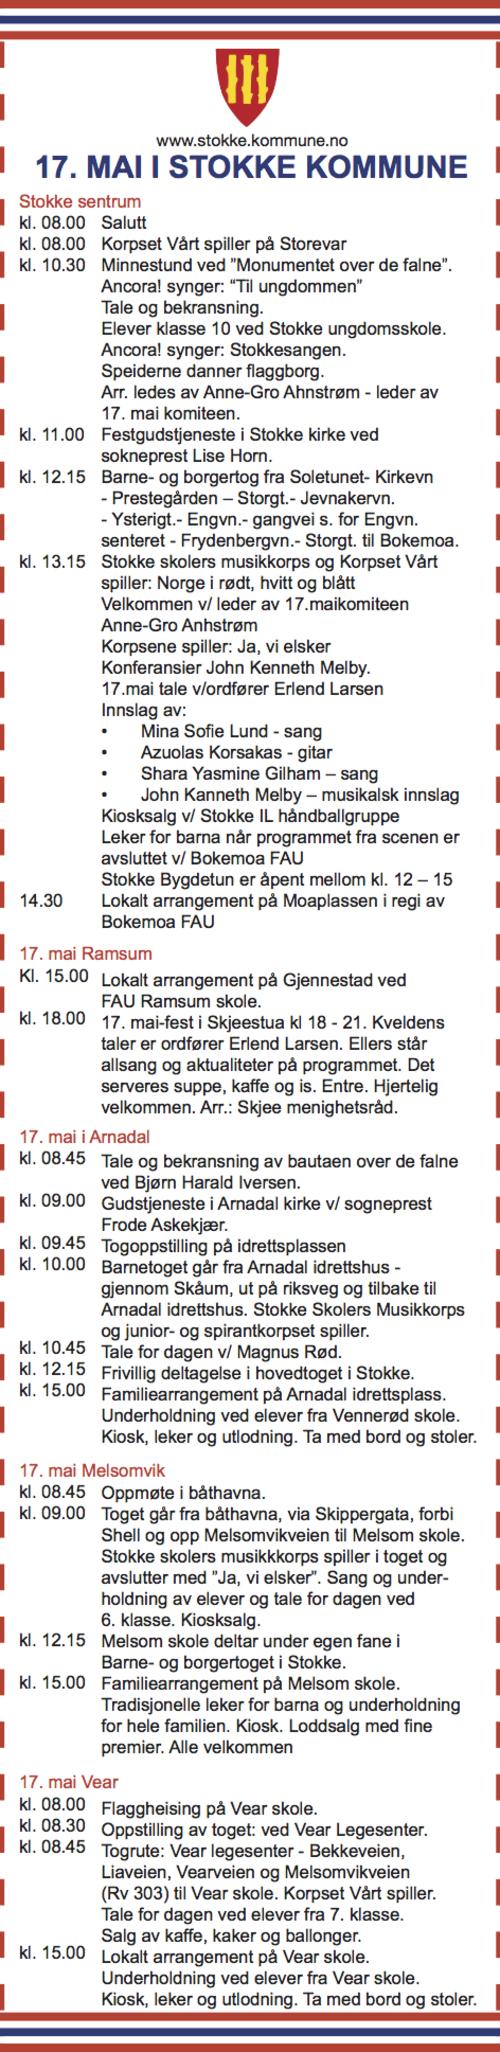 17. mai program Stokke kommune 2016